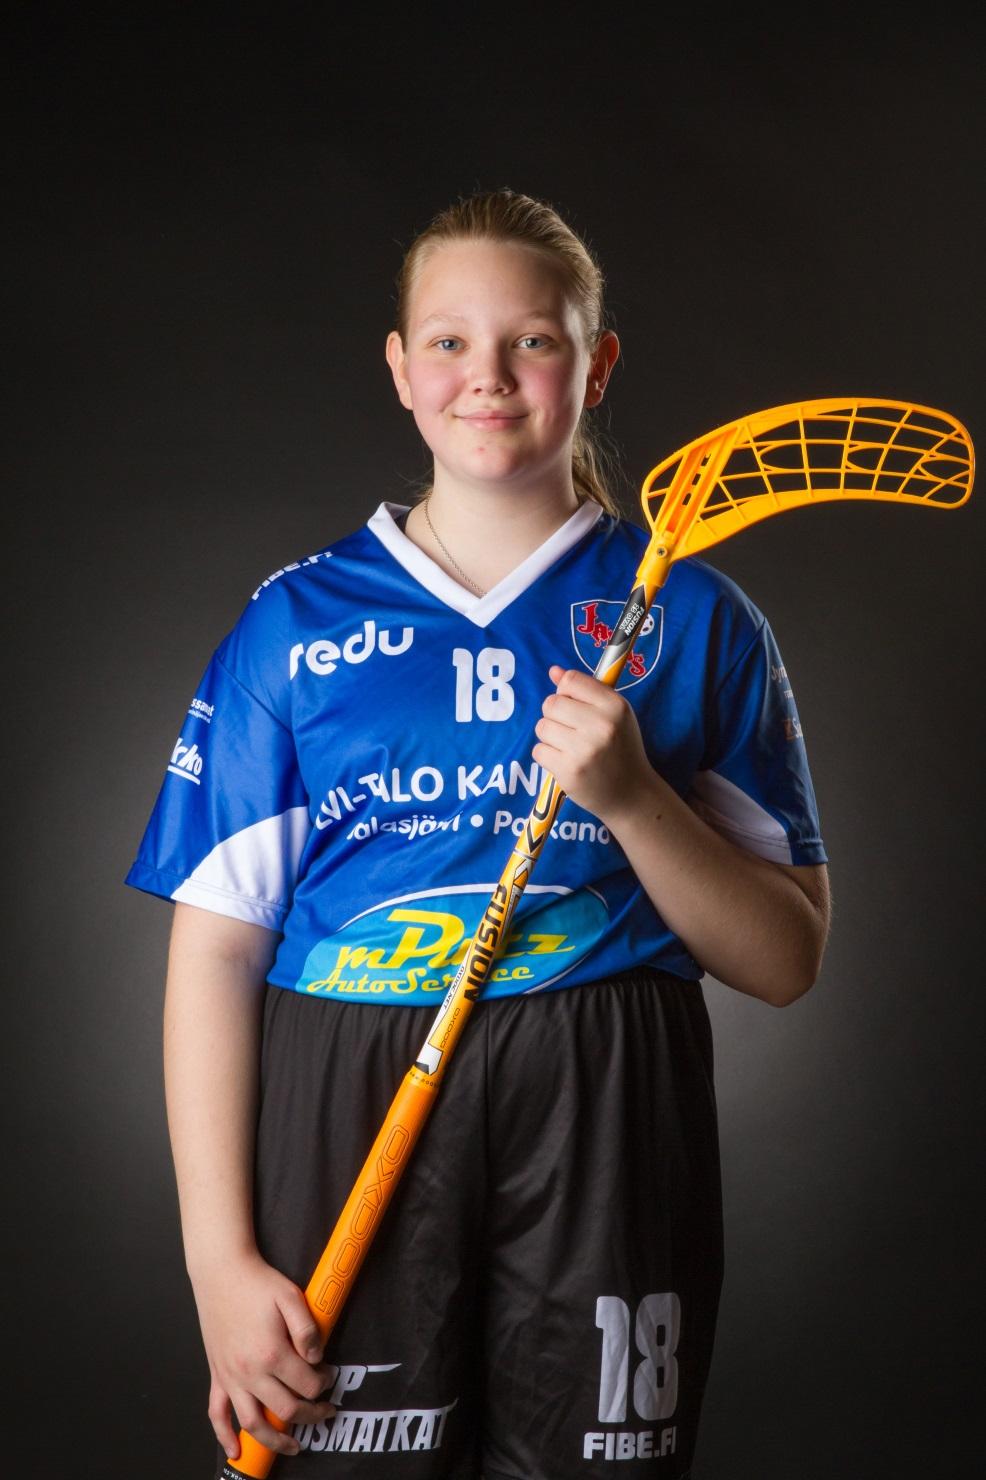 #18 Laura Käkelä-Petäys